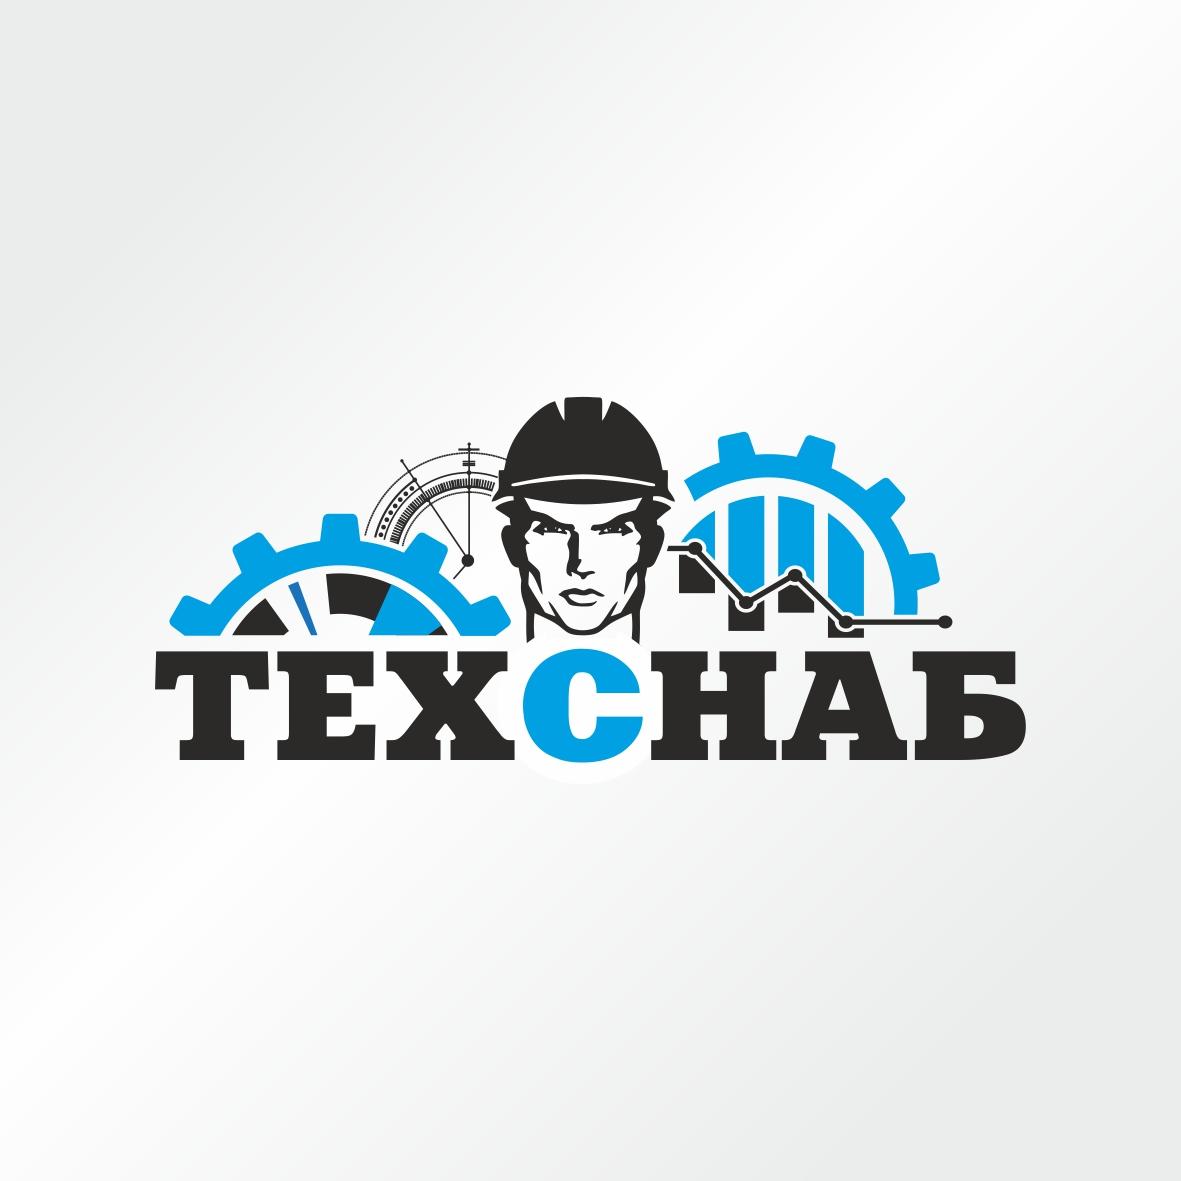 Разработка логотипа и фирм. стиля компании  ТЕХСНАБ фото f_2565b21511a3d380.jpg